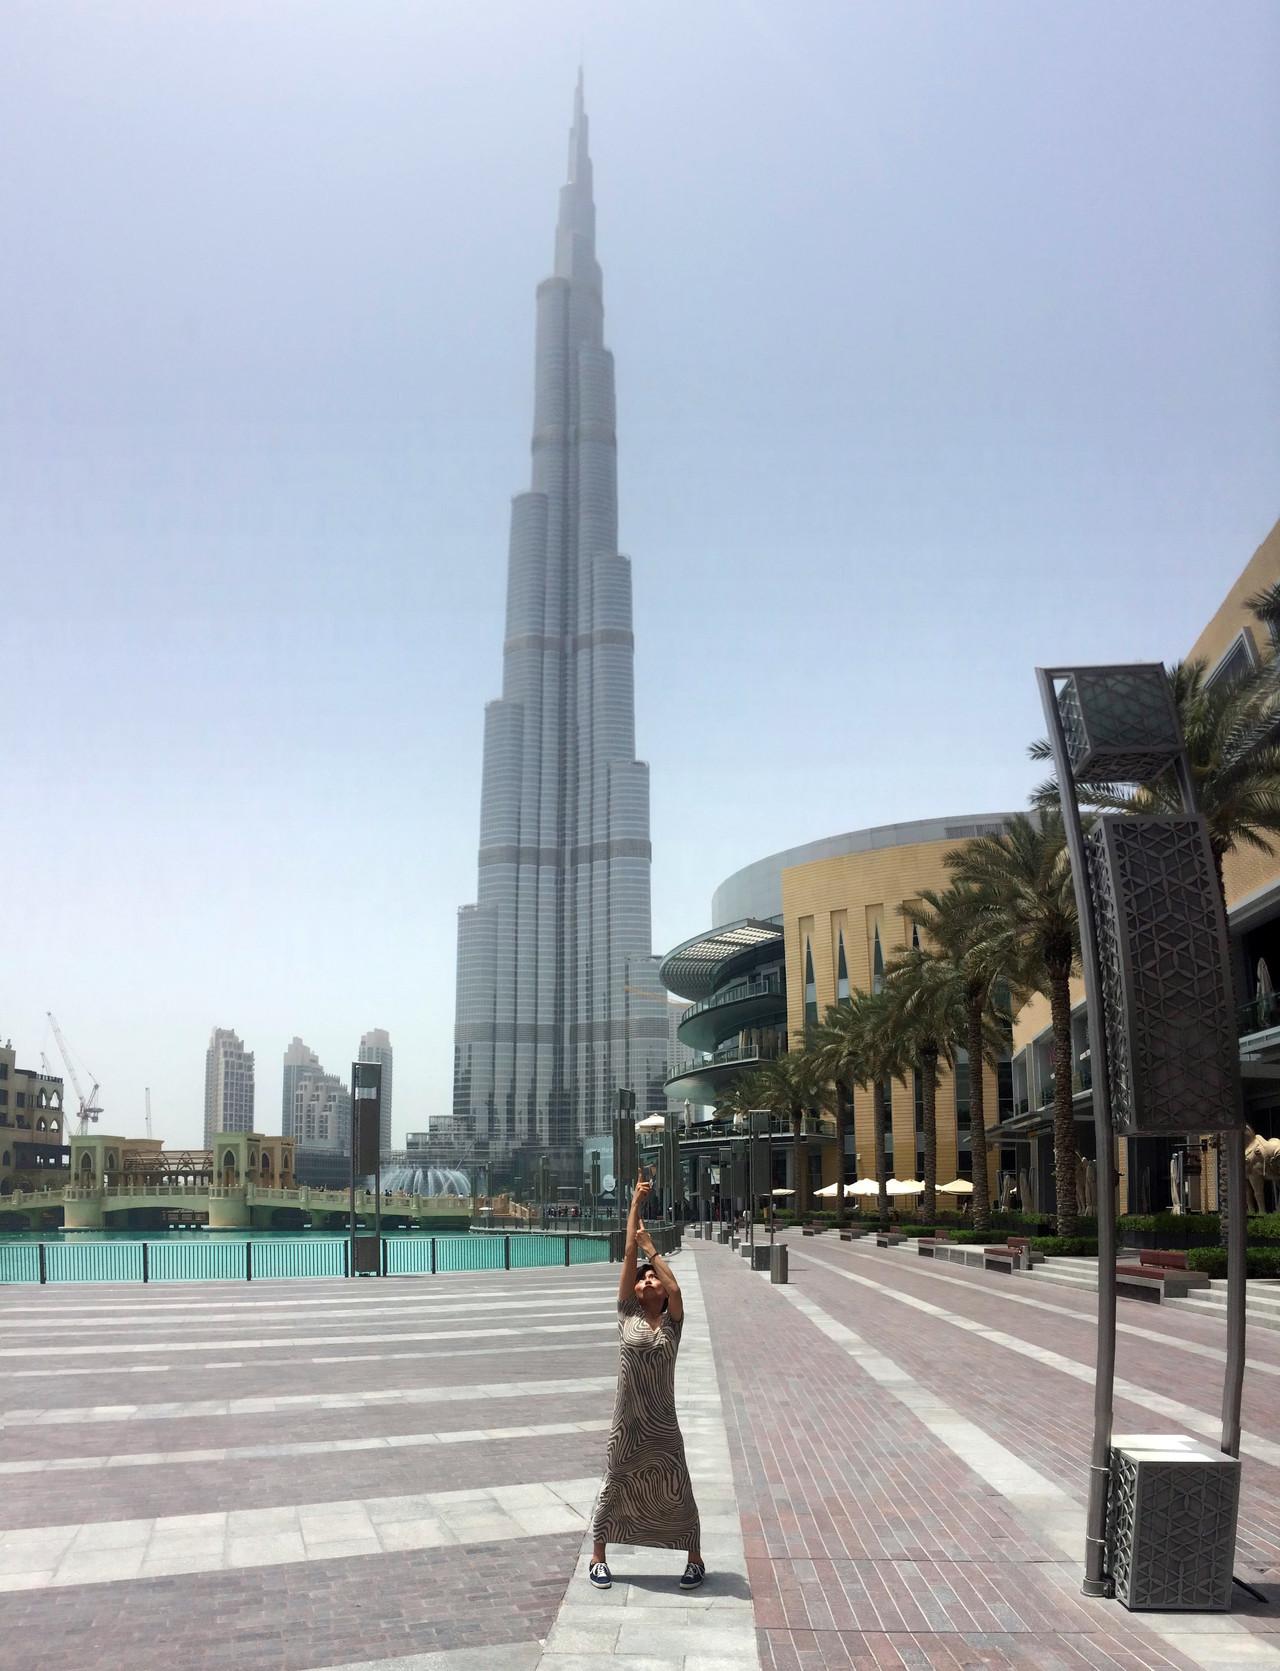 そう、この建物は101階建て。ドバイの「ブルジュ・ハリファ」が2007年に竣工するまでは、世界一高いビルでした。